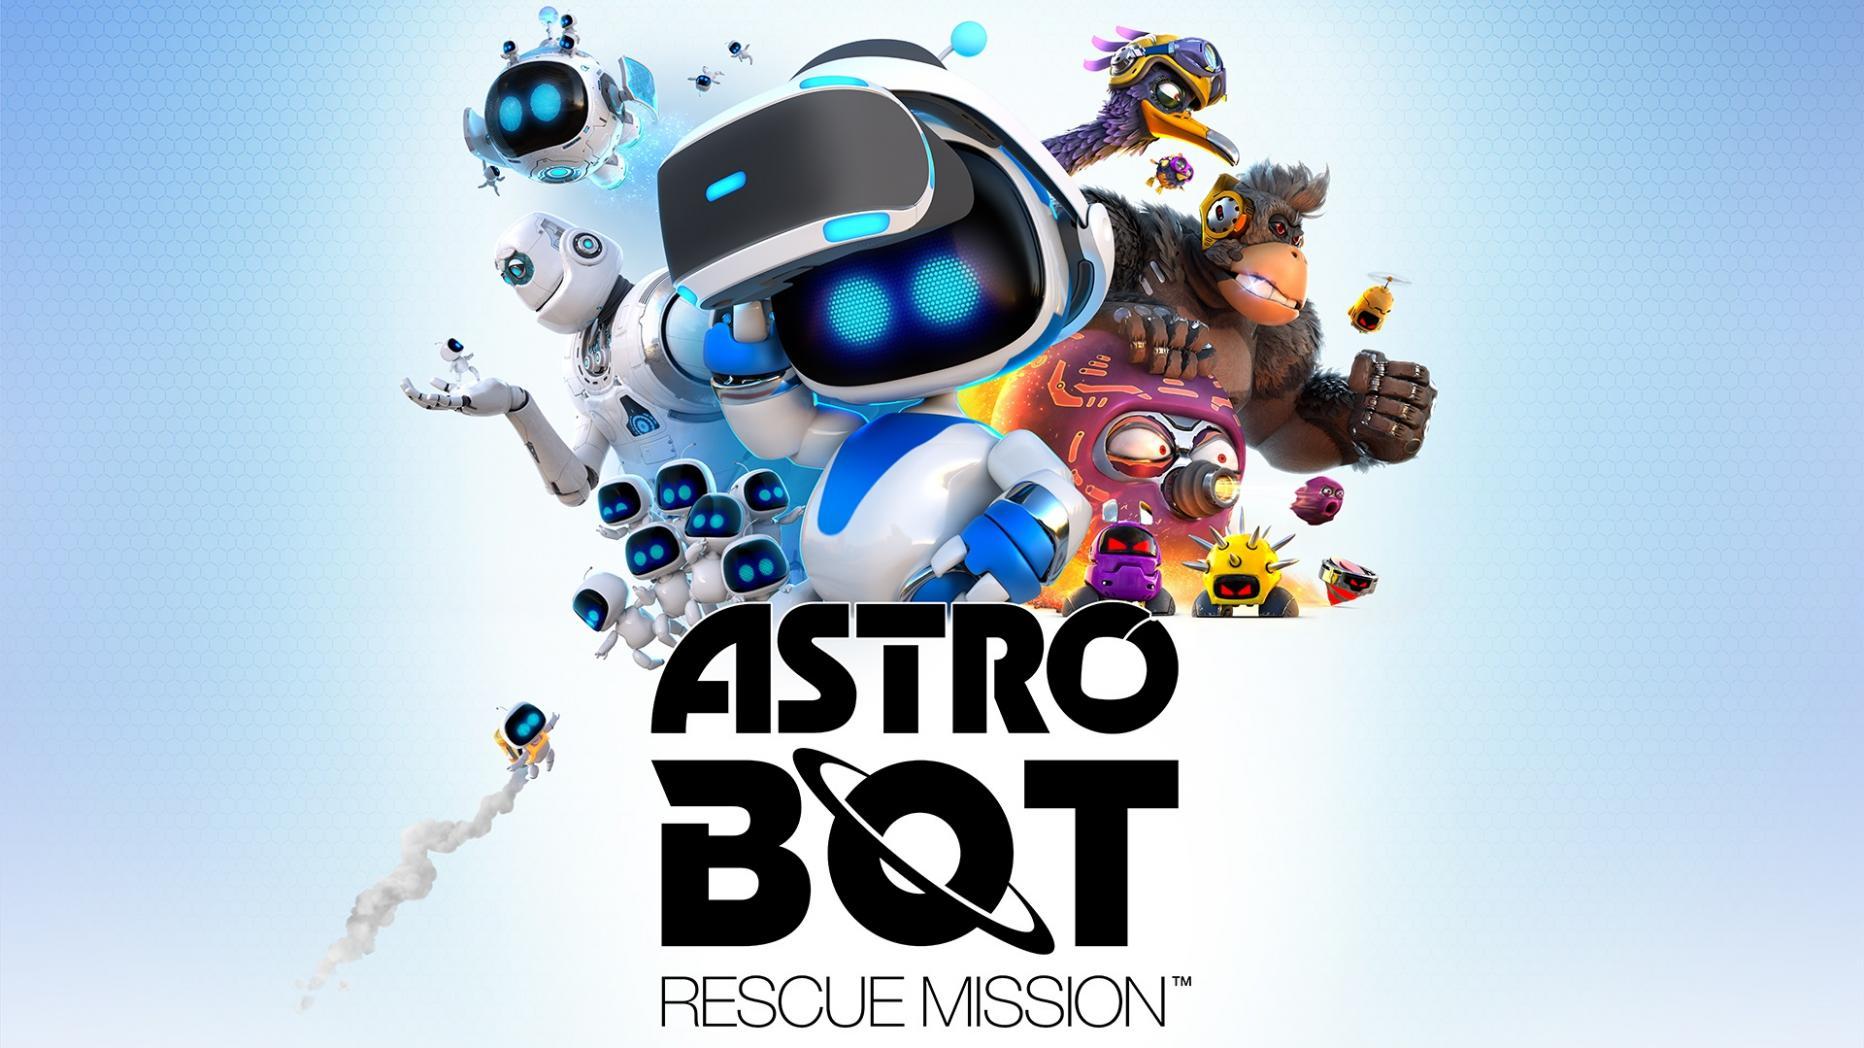 Astro Bot - Rescue Mission